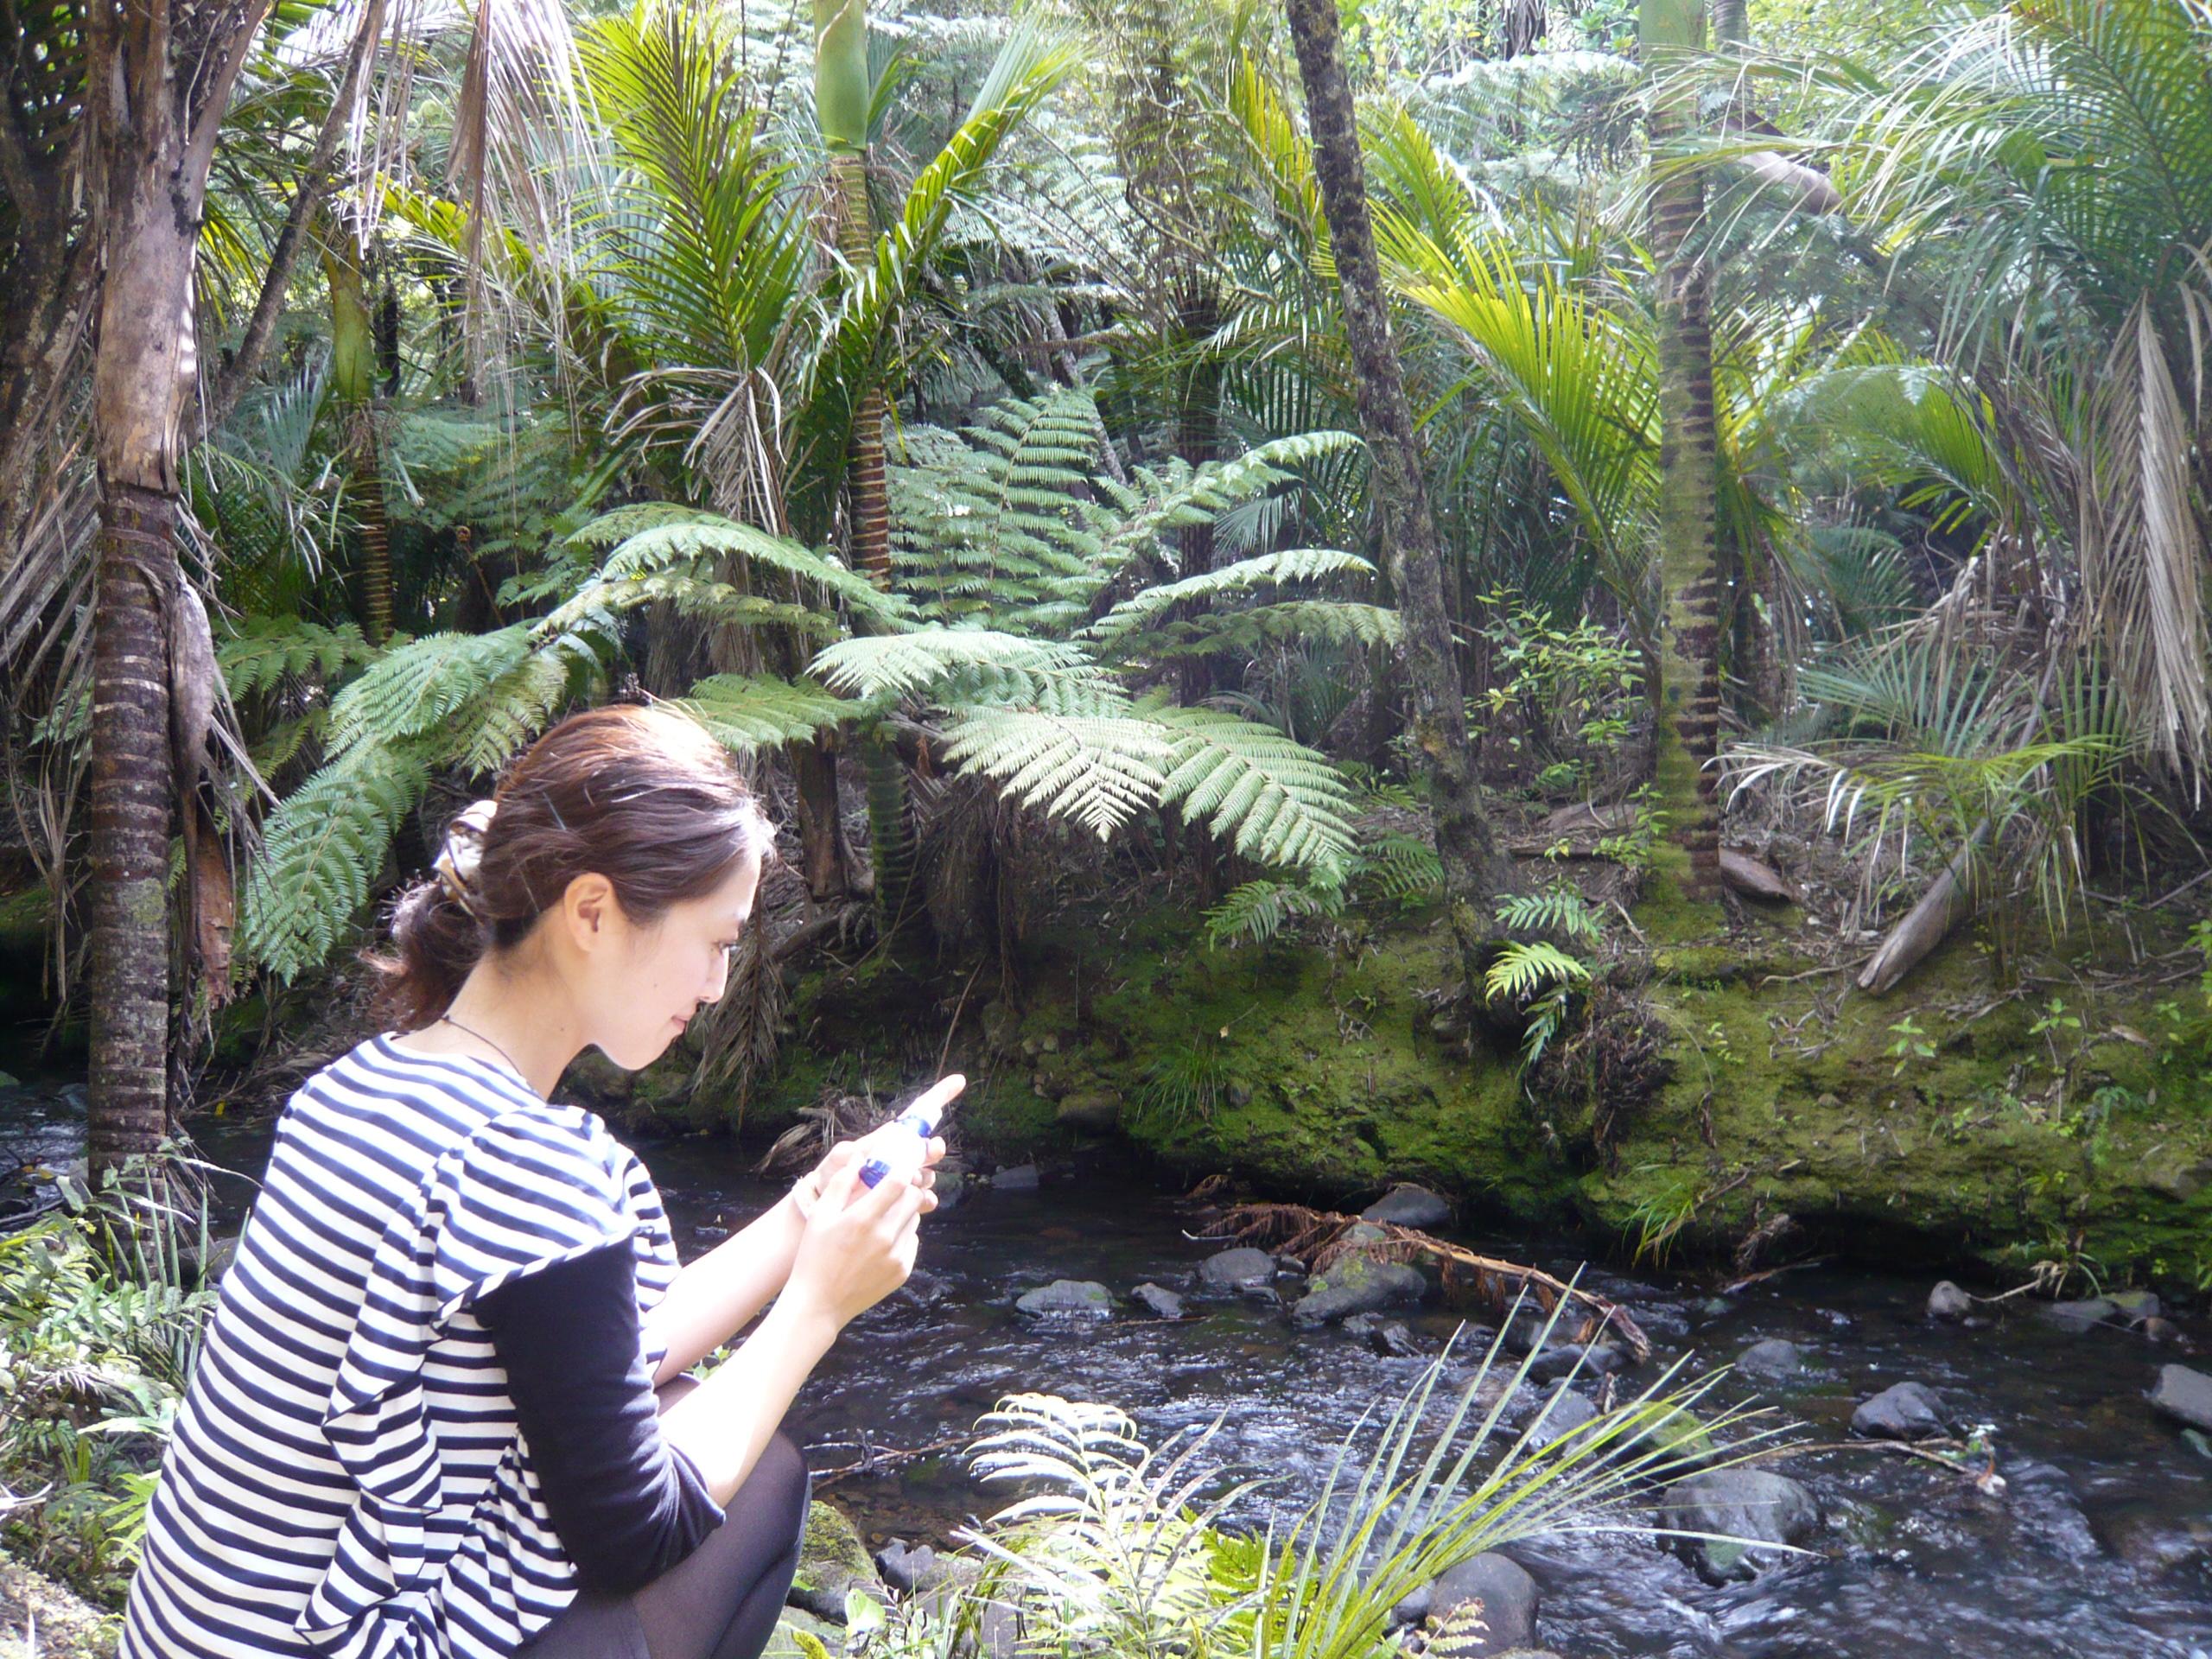 人間を多角的に捉えるニュージーランドのフラワーエッセンス!Vol3   〜ポジティブ視点のフラワーエッセンス〜